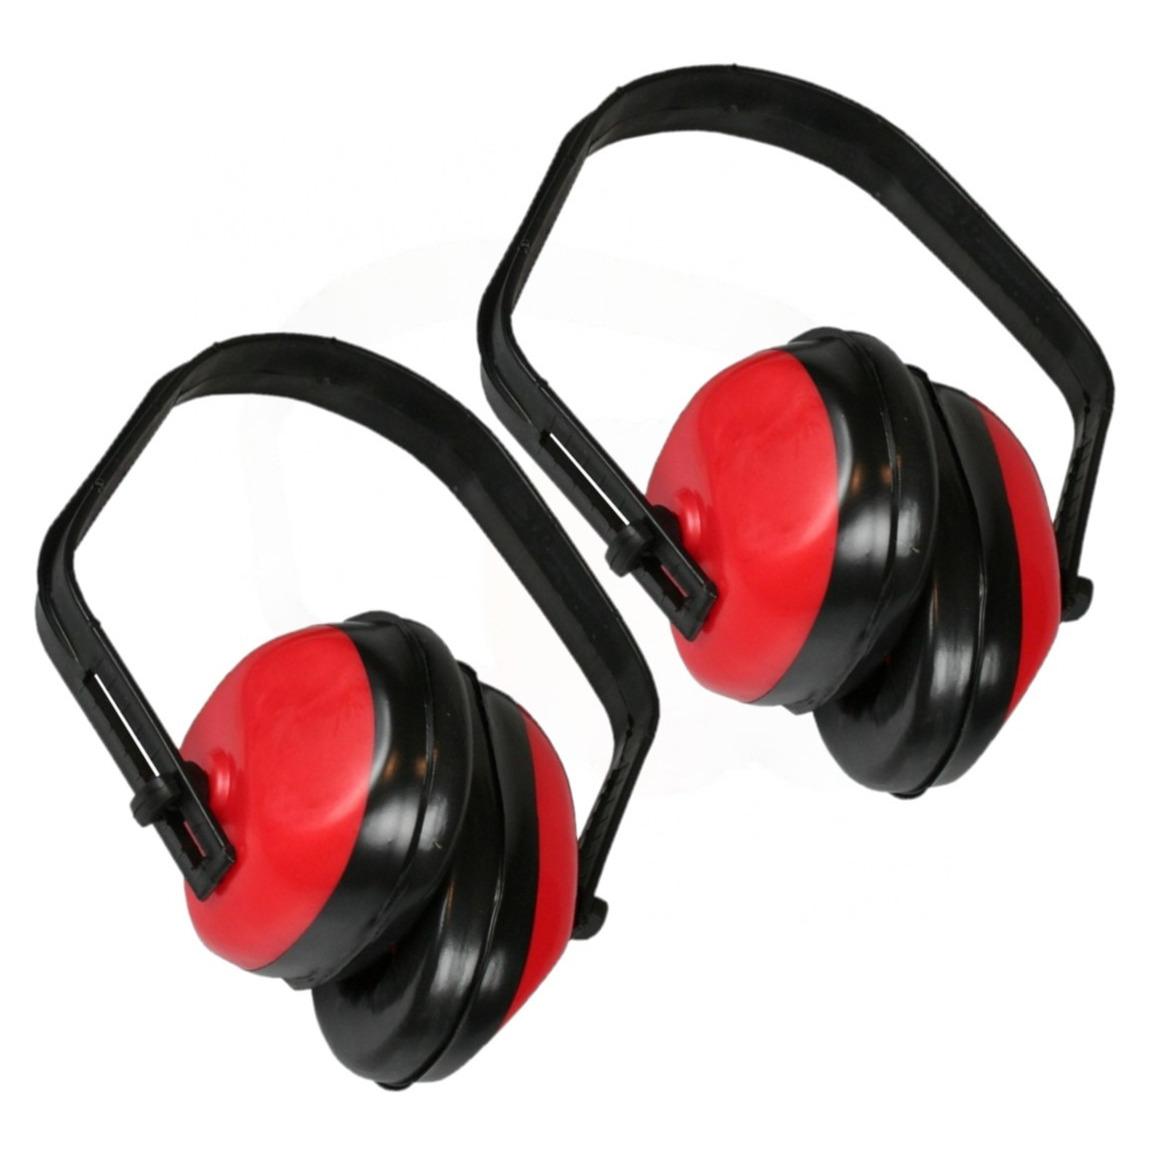 Pakket van 2x stuks gehoorbeschermers rood met CE keurmerk -